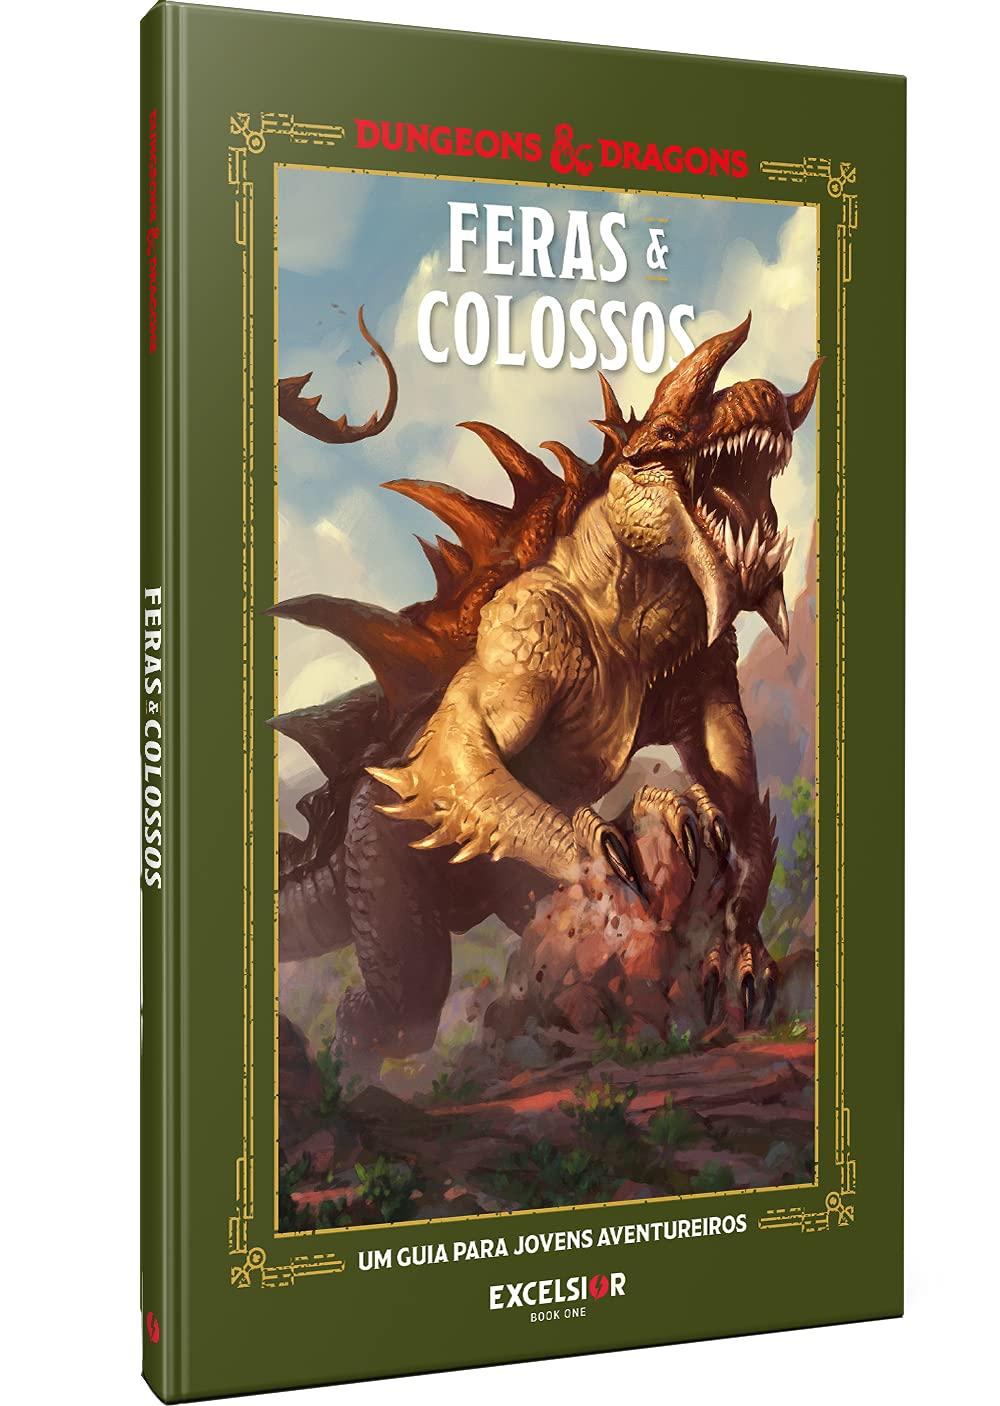 Feras & Colossos